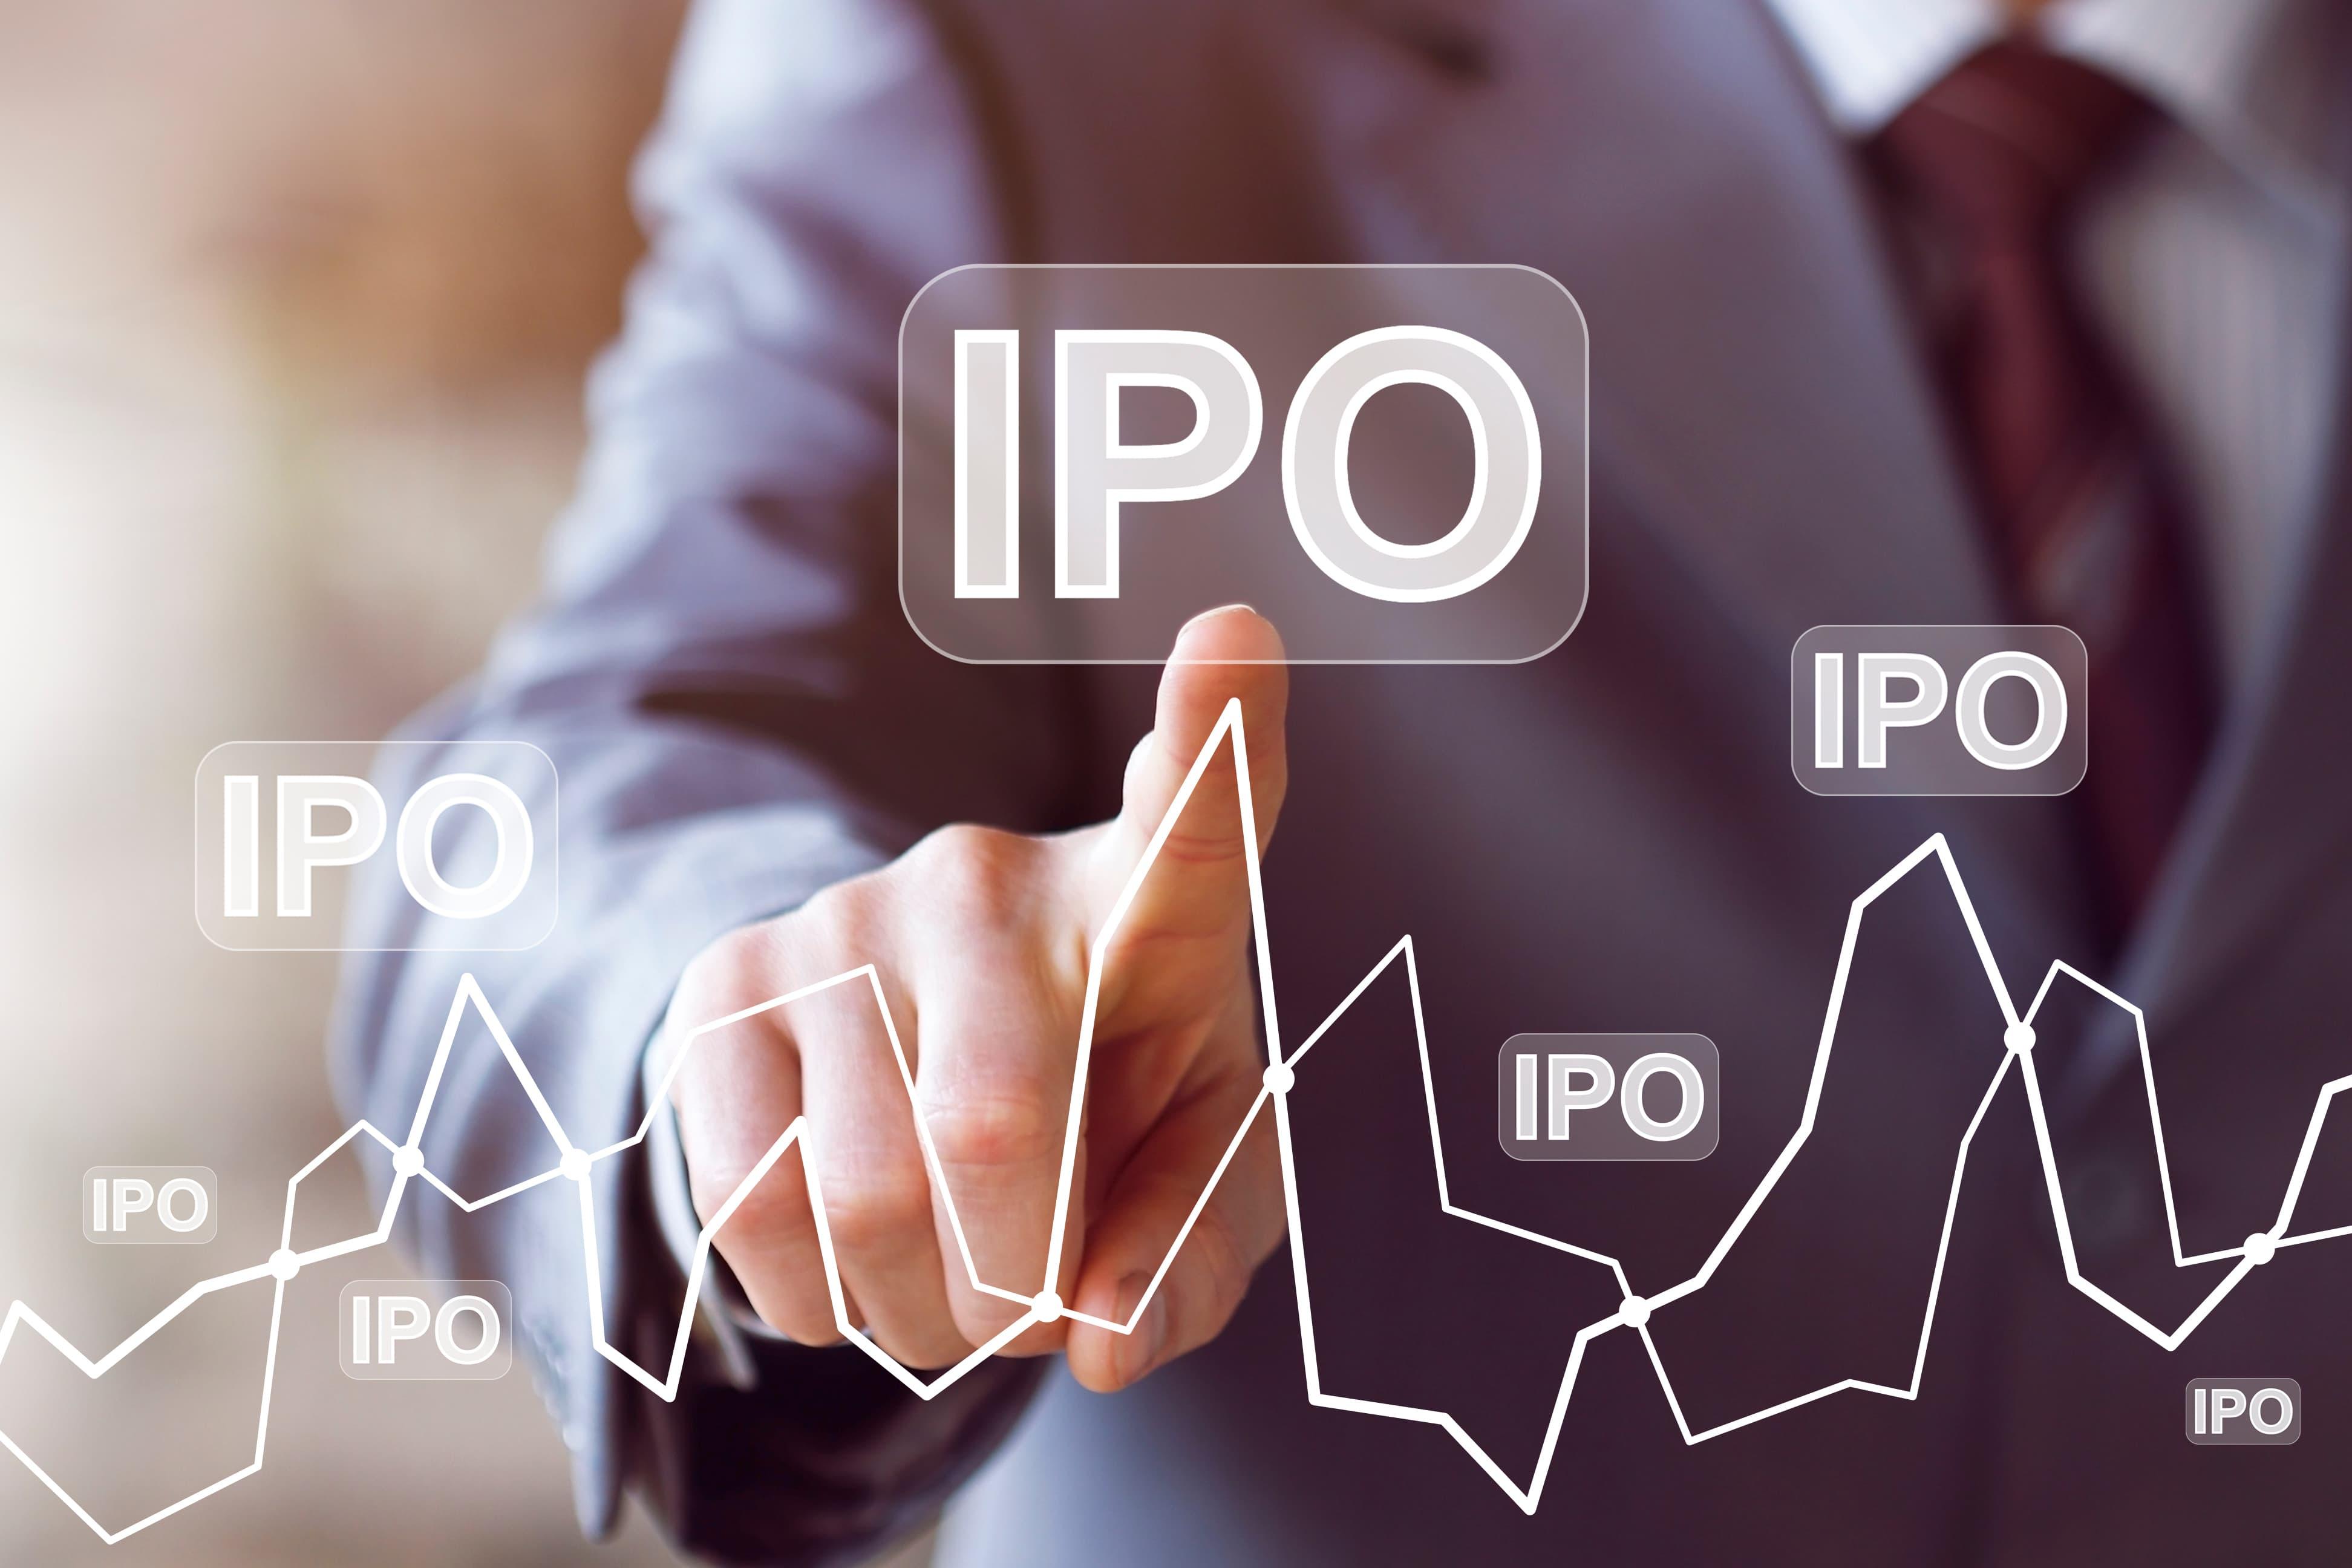 Você sabe o que significa IPO?